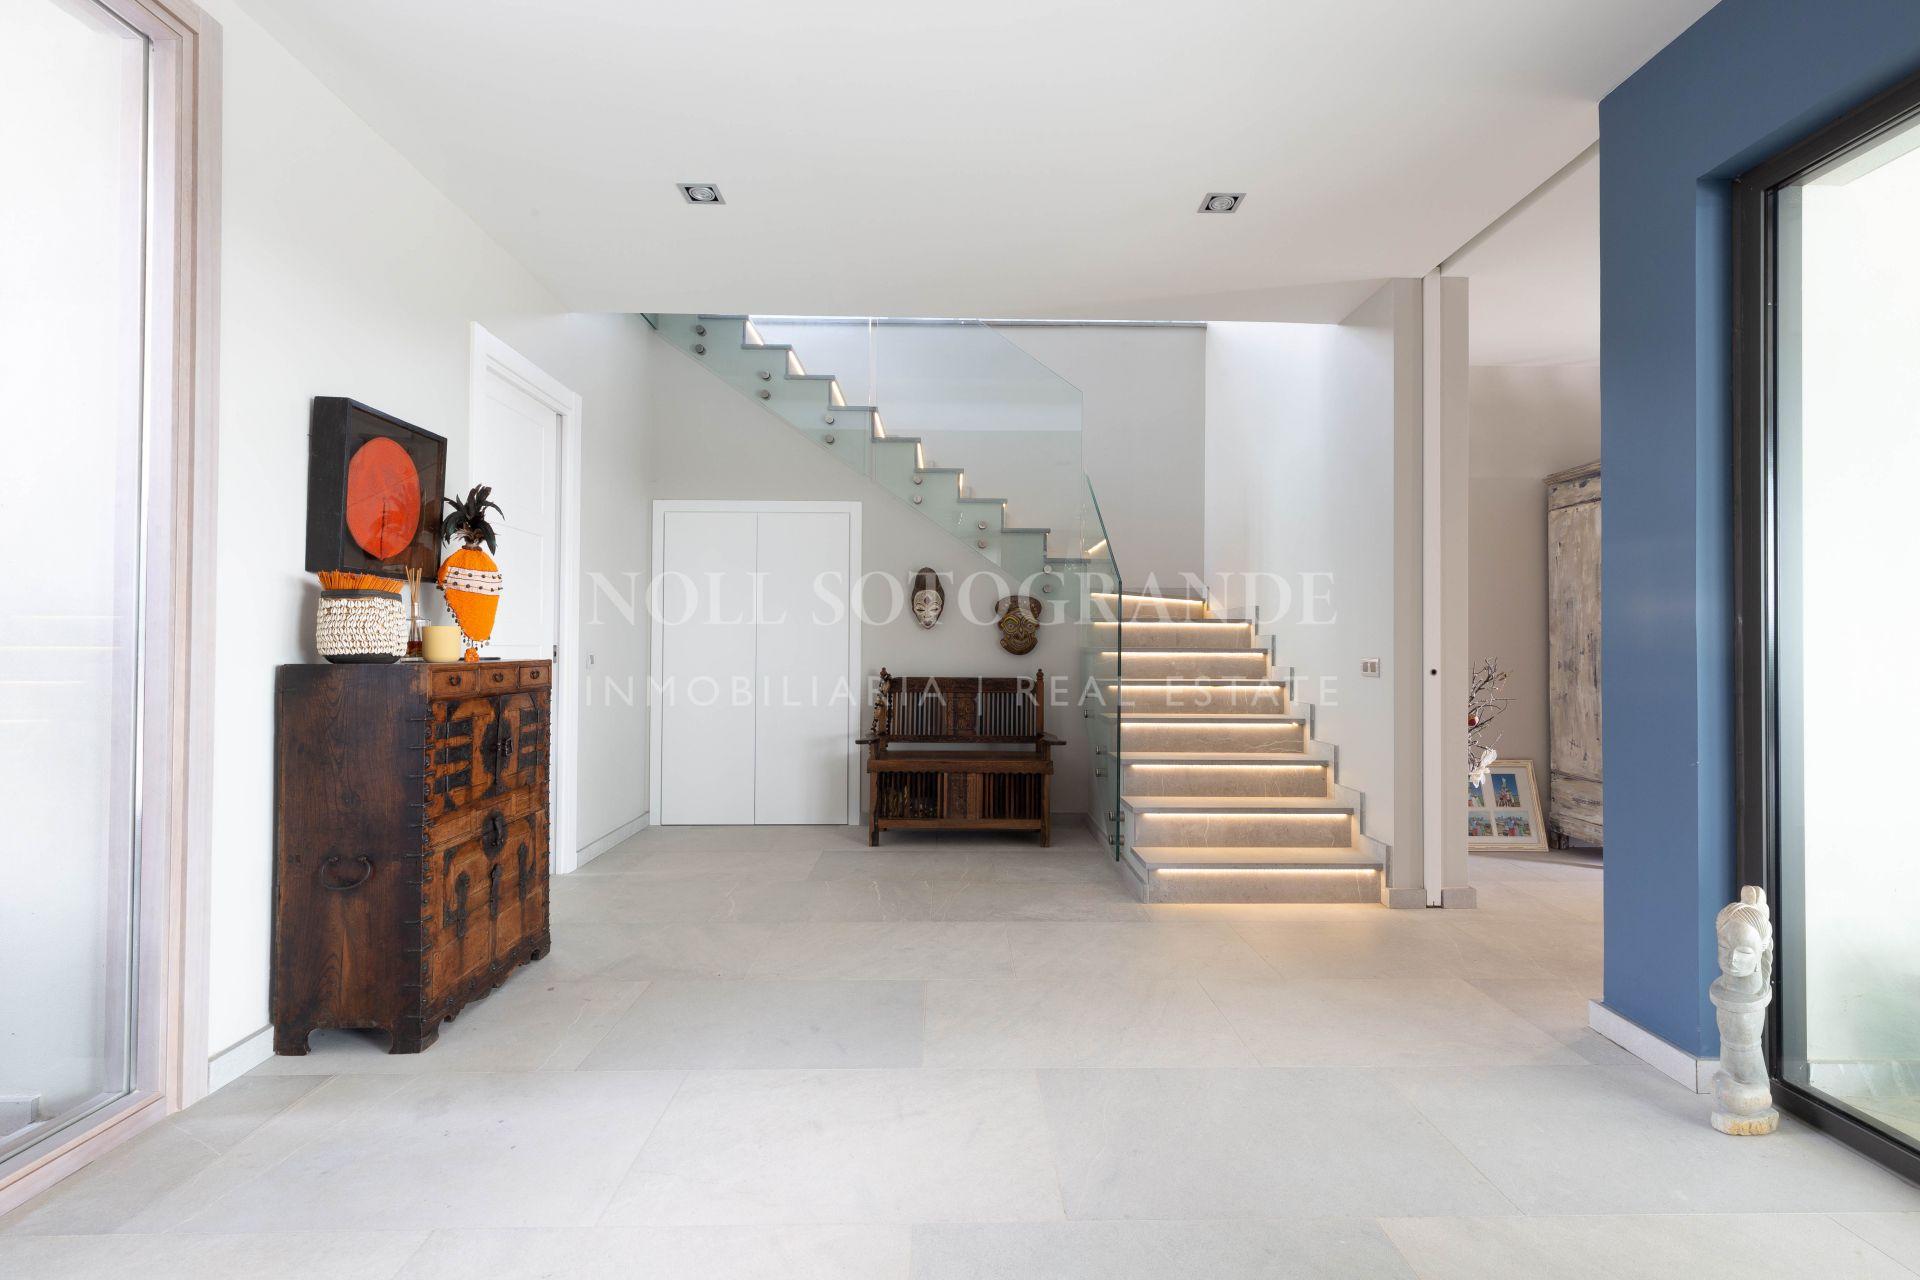 Sotogrande, La Reserva de Sotogrande, New family villa for sale.